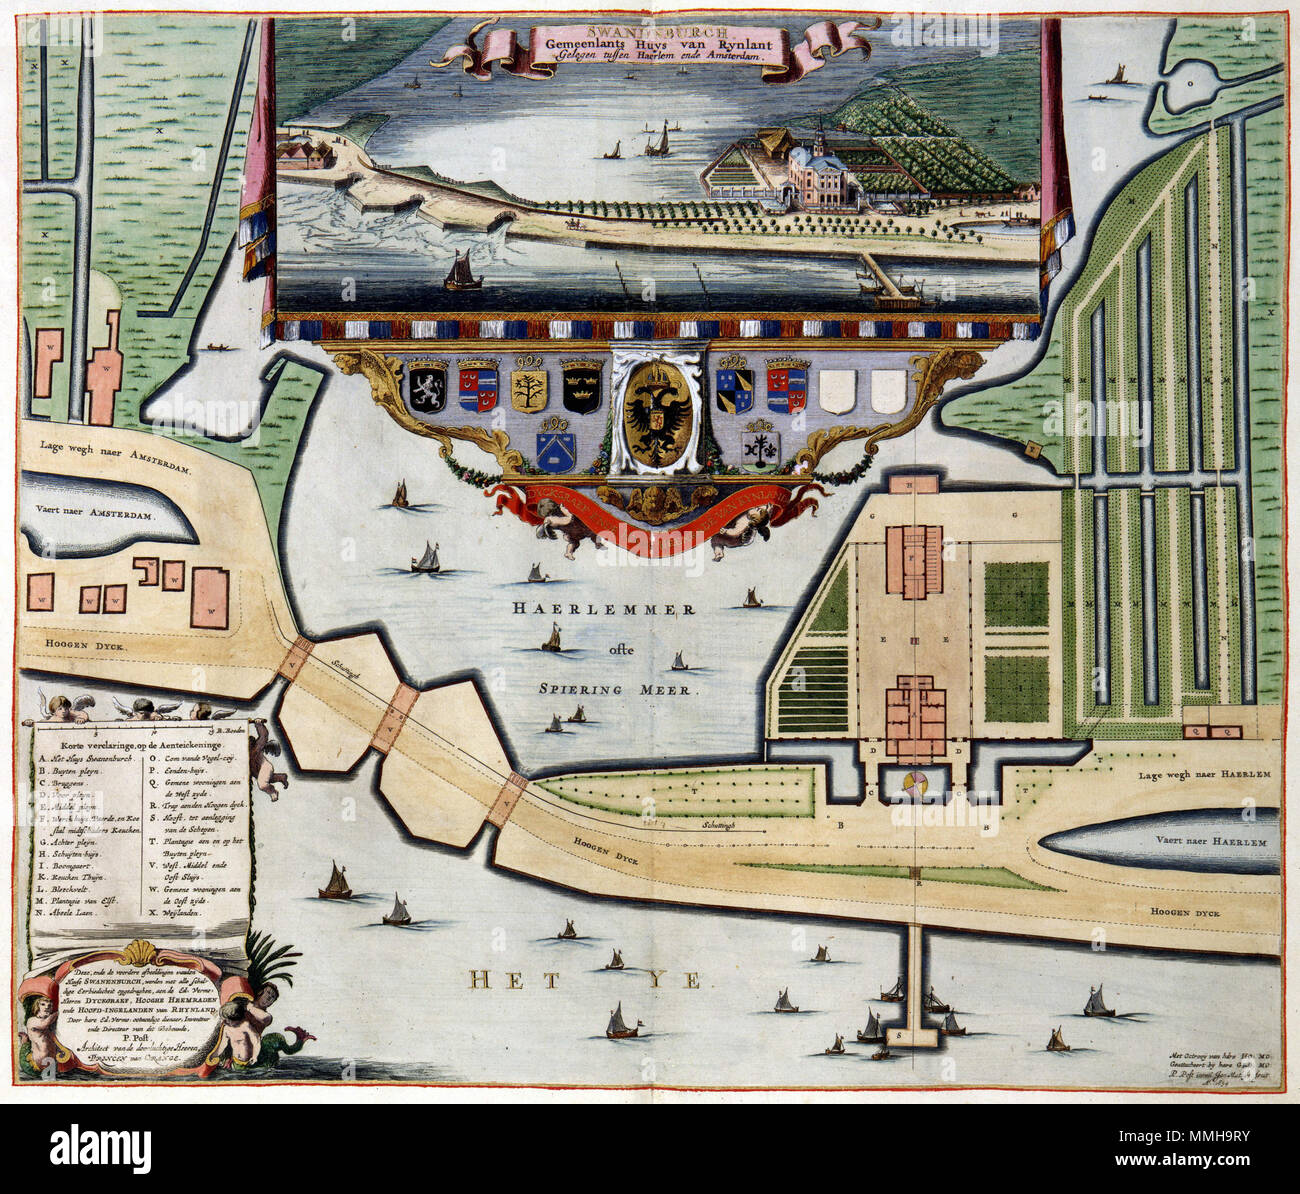 . Nederlands: Het Huis Amsterdam het gemeenlandshuis était van het Hoogheemraadschap van Rijnland te Halfweg. Dans Halfweg een groot sluizencomplex lag dat door het Hoogheemraadschap werd beheerd. Werd Het Huis tussen 1644 en 1648 naar een ontwerp van de l'architecte Pieter Post gebouwd langs de pas voltooide trekvaart tussen Amsterdam en Haarlem. Het Huis était de vaste woonplaats van de opzichter van Rijnland Halfweg een te veel brique vergader- en verblijfplaats van de hoogheemraden van Rijnland.; Centraal op de kaart een groot aangezicht Het Huis van Zwanenberg. Rechtsonder Korte verklaring Photo Stock